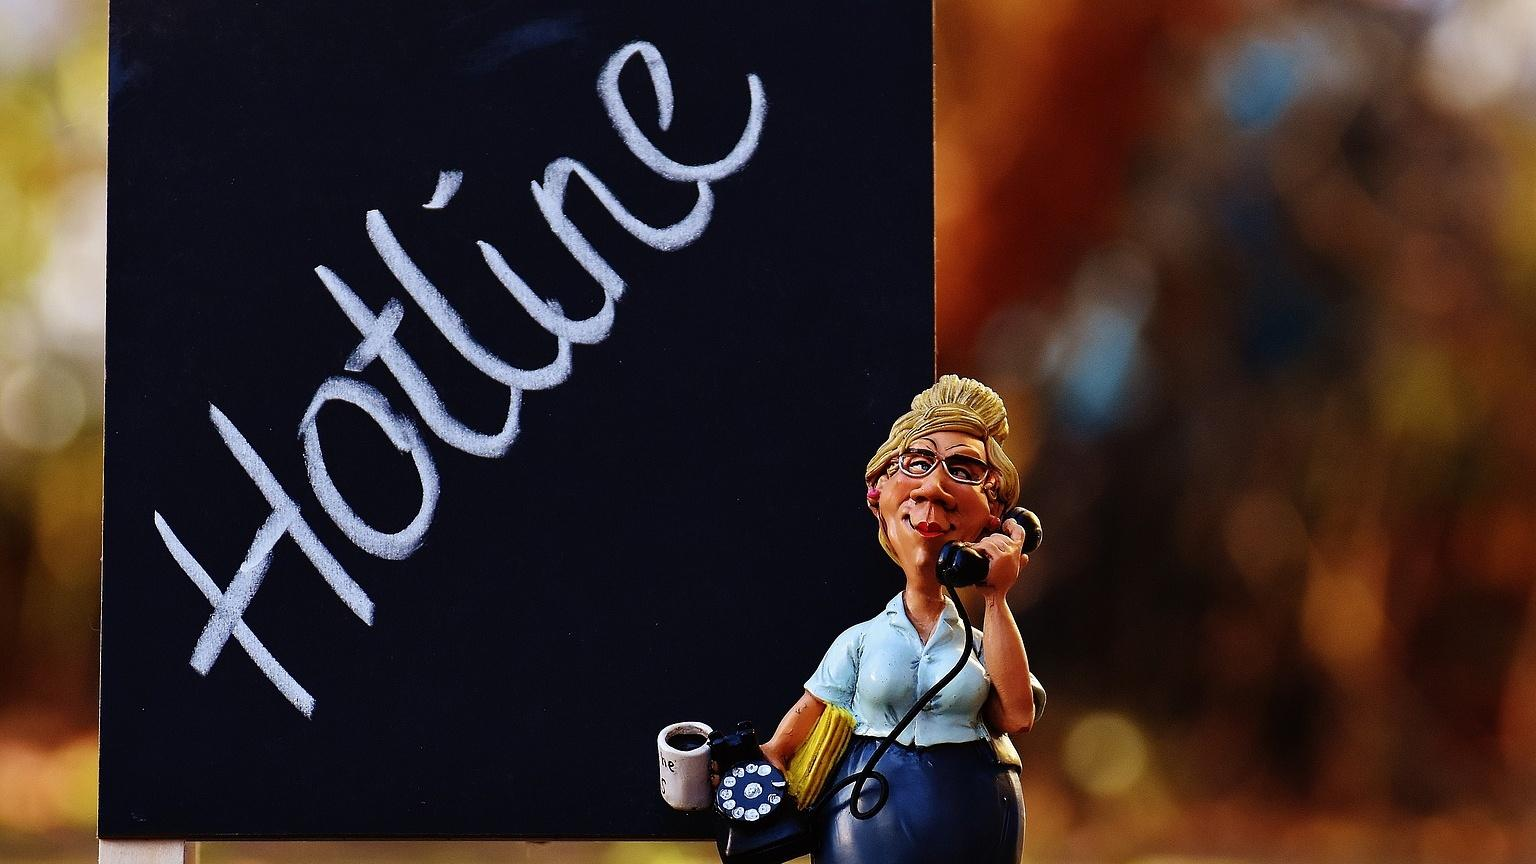 Bafög Kontakt: Das ist die richtige Hotline